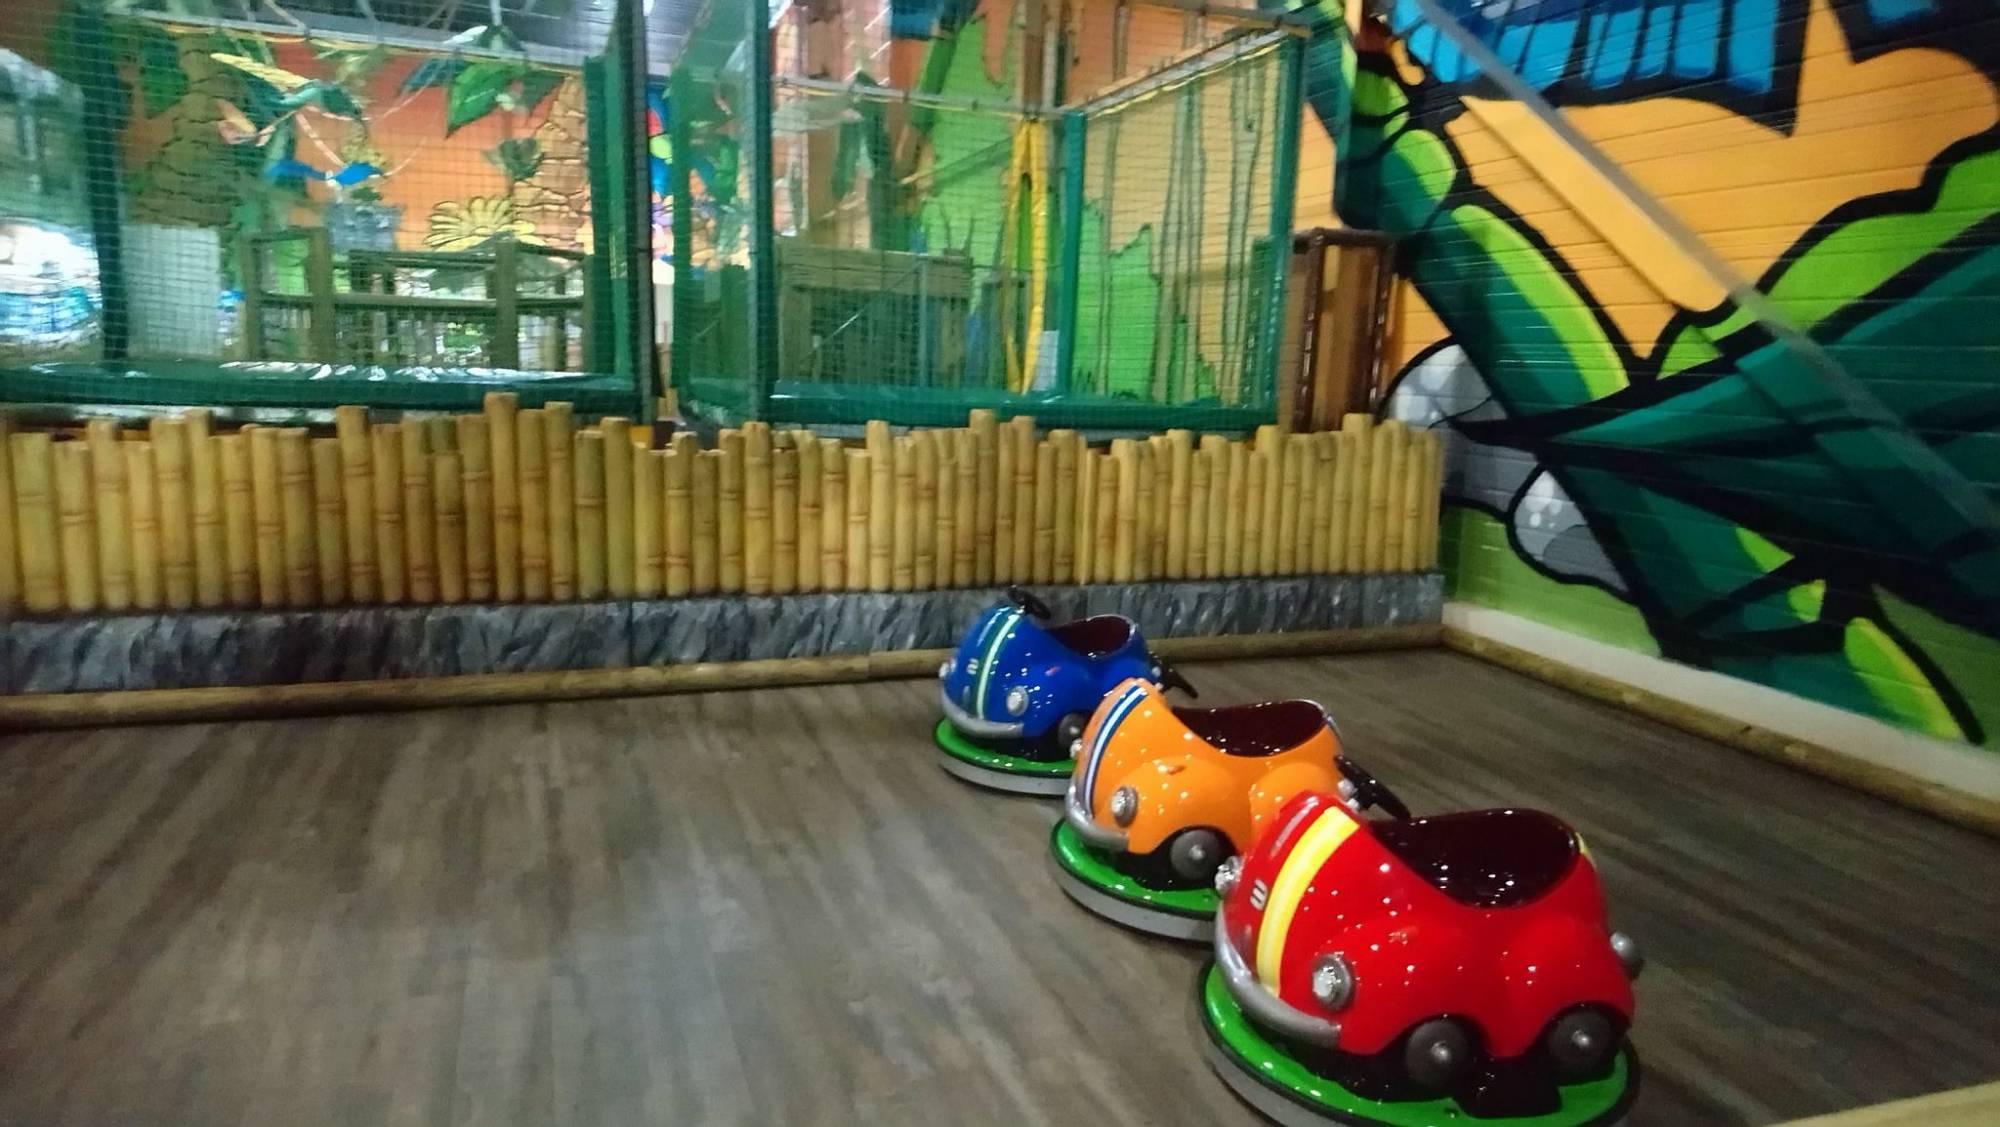 Espace De Jeux En Interieur Pour Les Enfants Bouches Du dedans Jeux De Voitures Pour Enfants